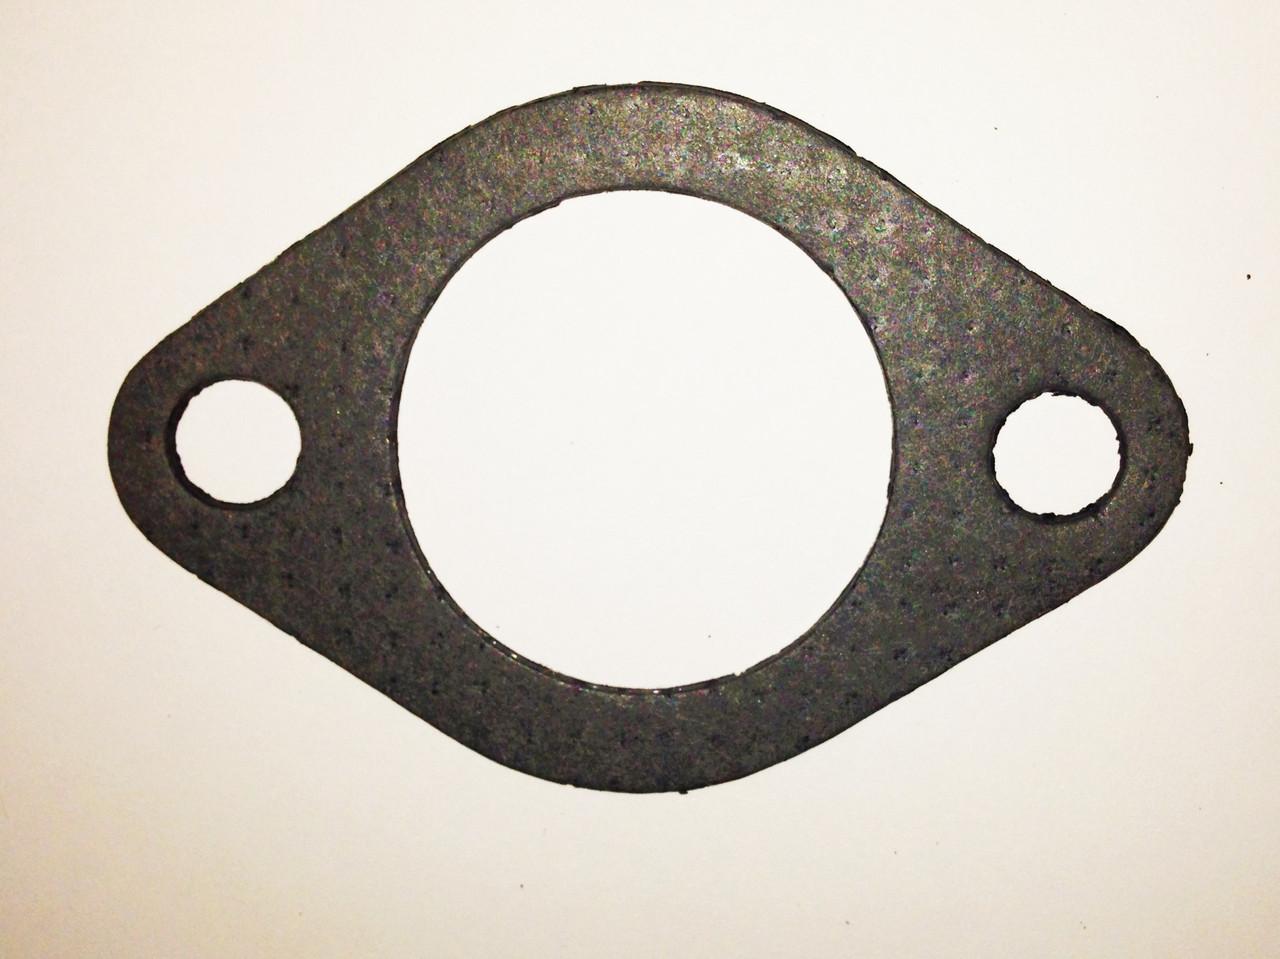 Прокладка выхлопного патрубка Kubota V2203 25-37236-01